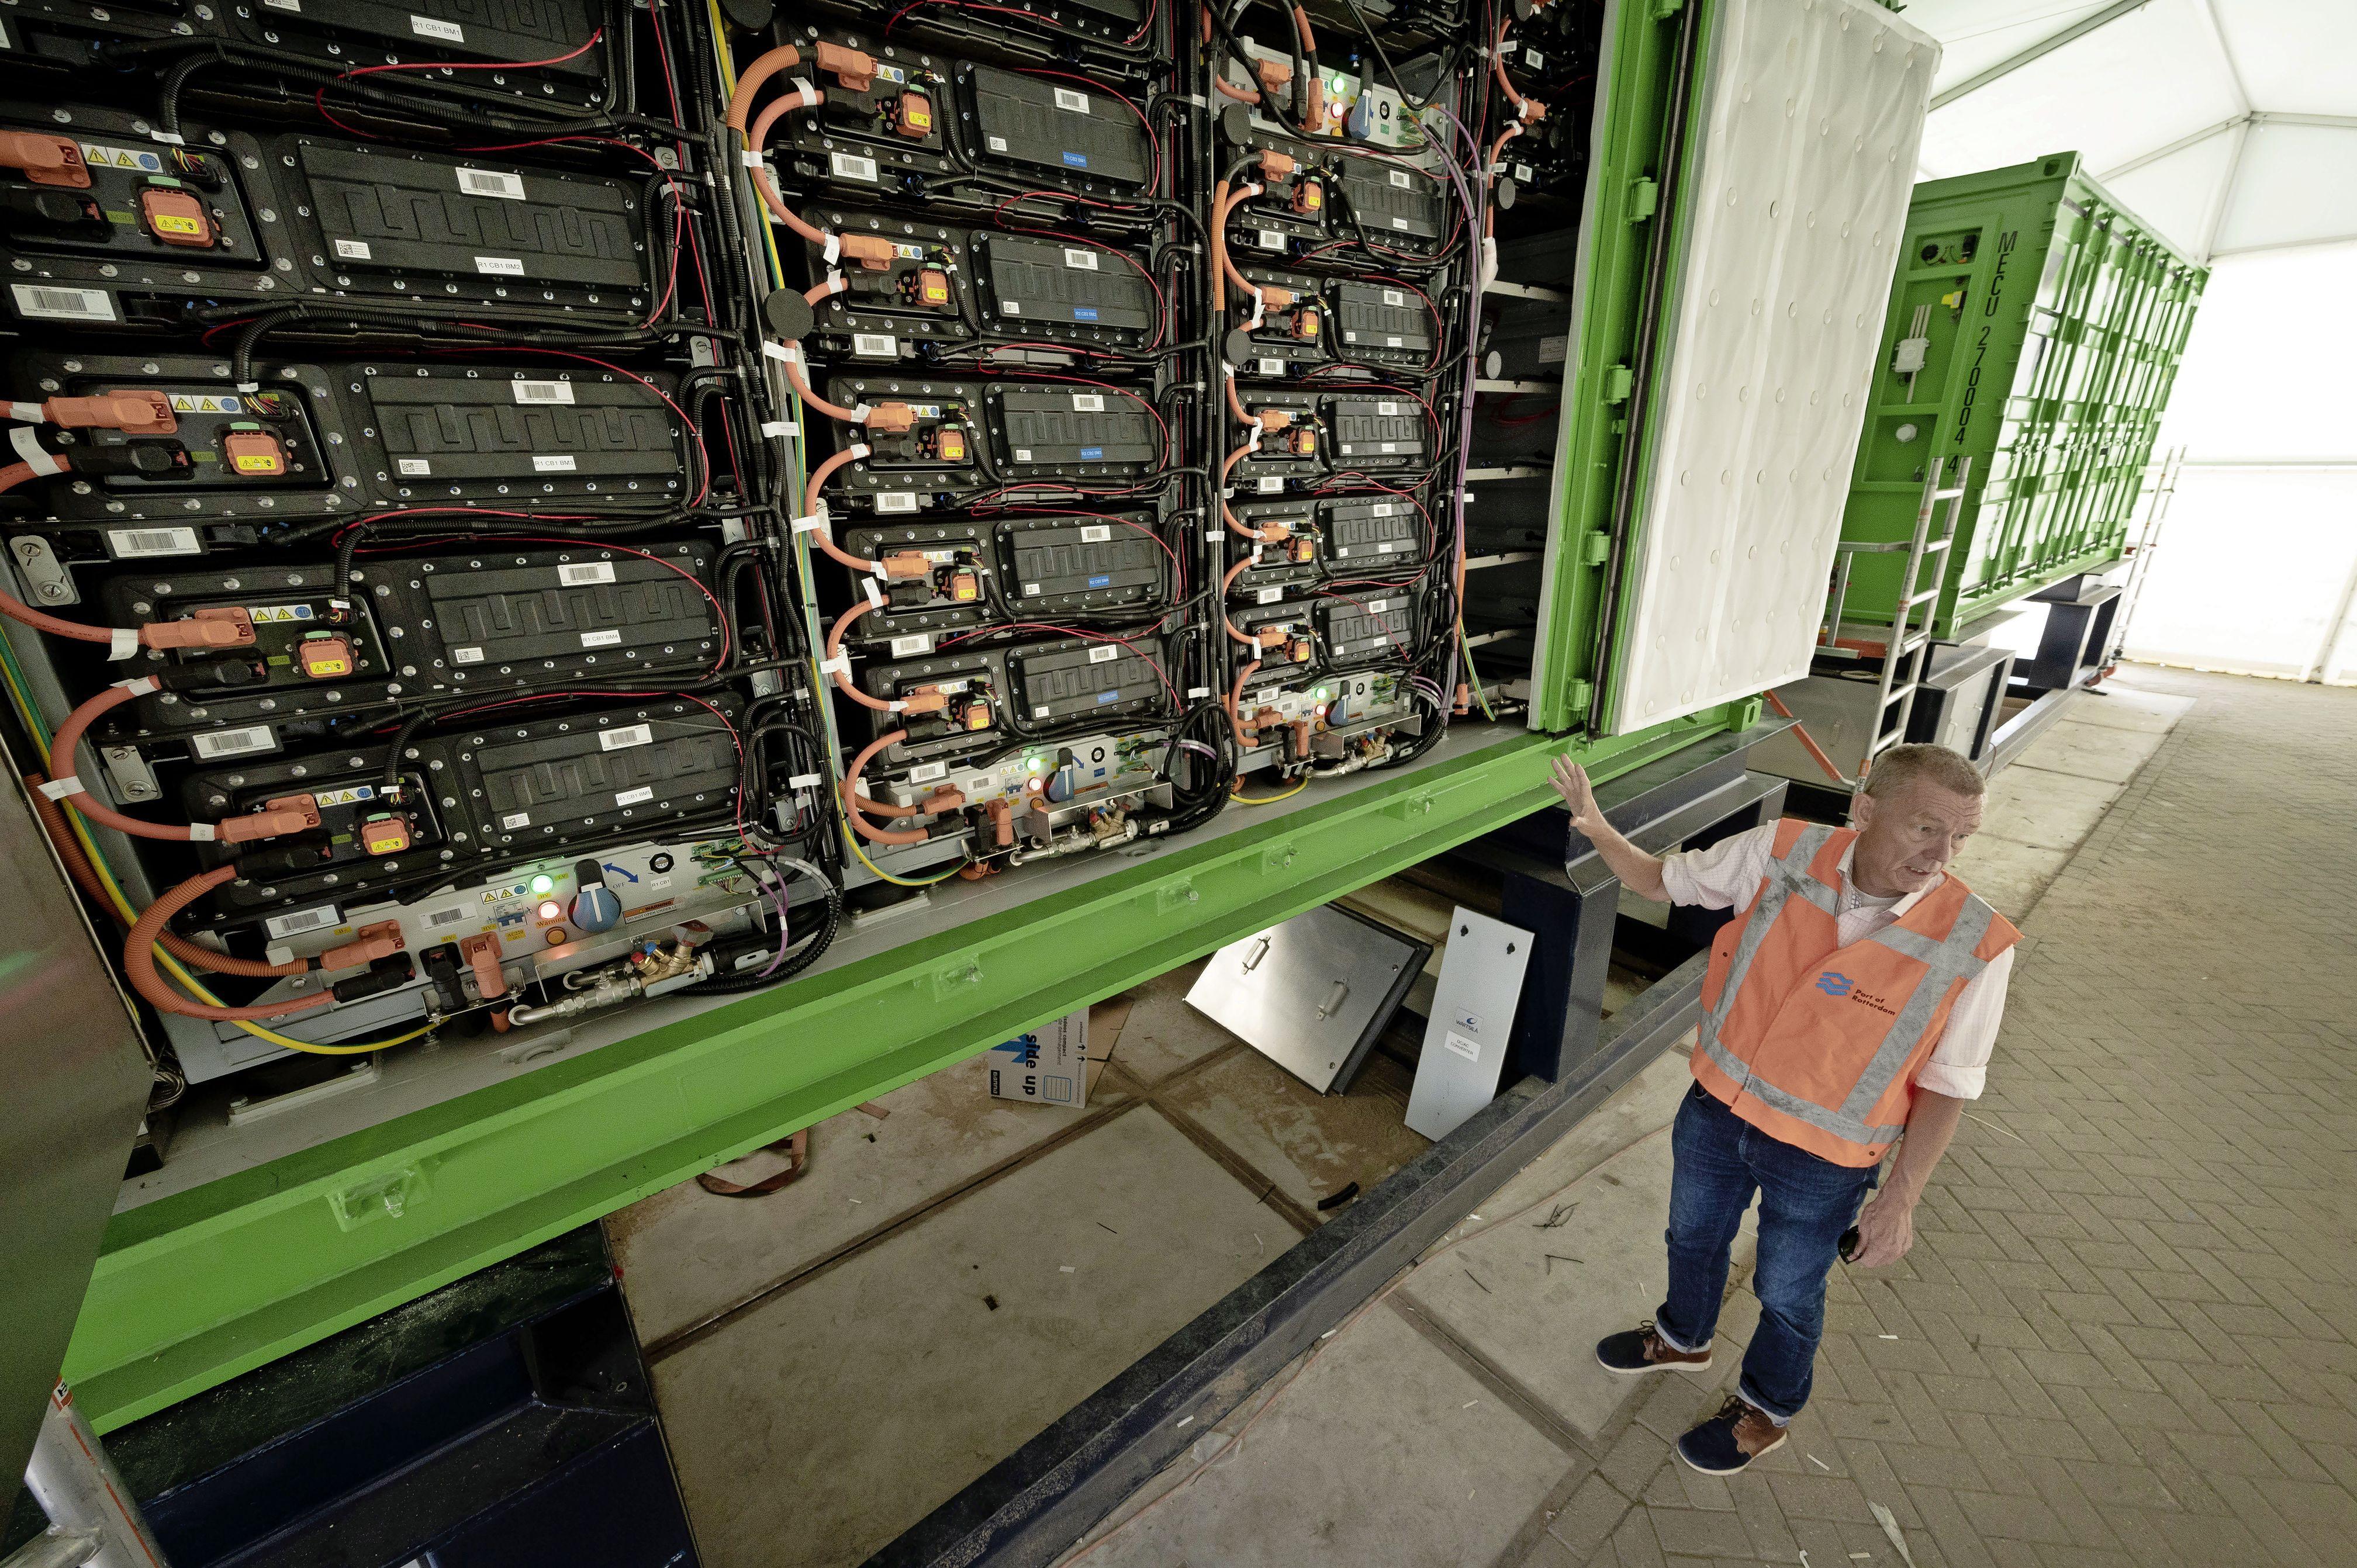 Containers vol bier varen op de kracht van 36 Tesla's. De elektrische revolutie in de binnenvaart begint in Alphen